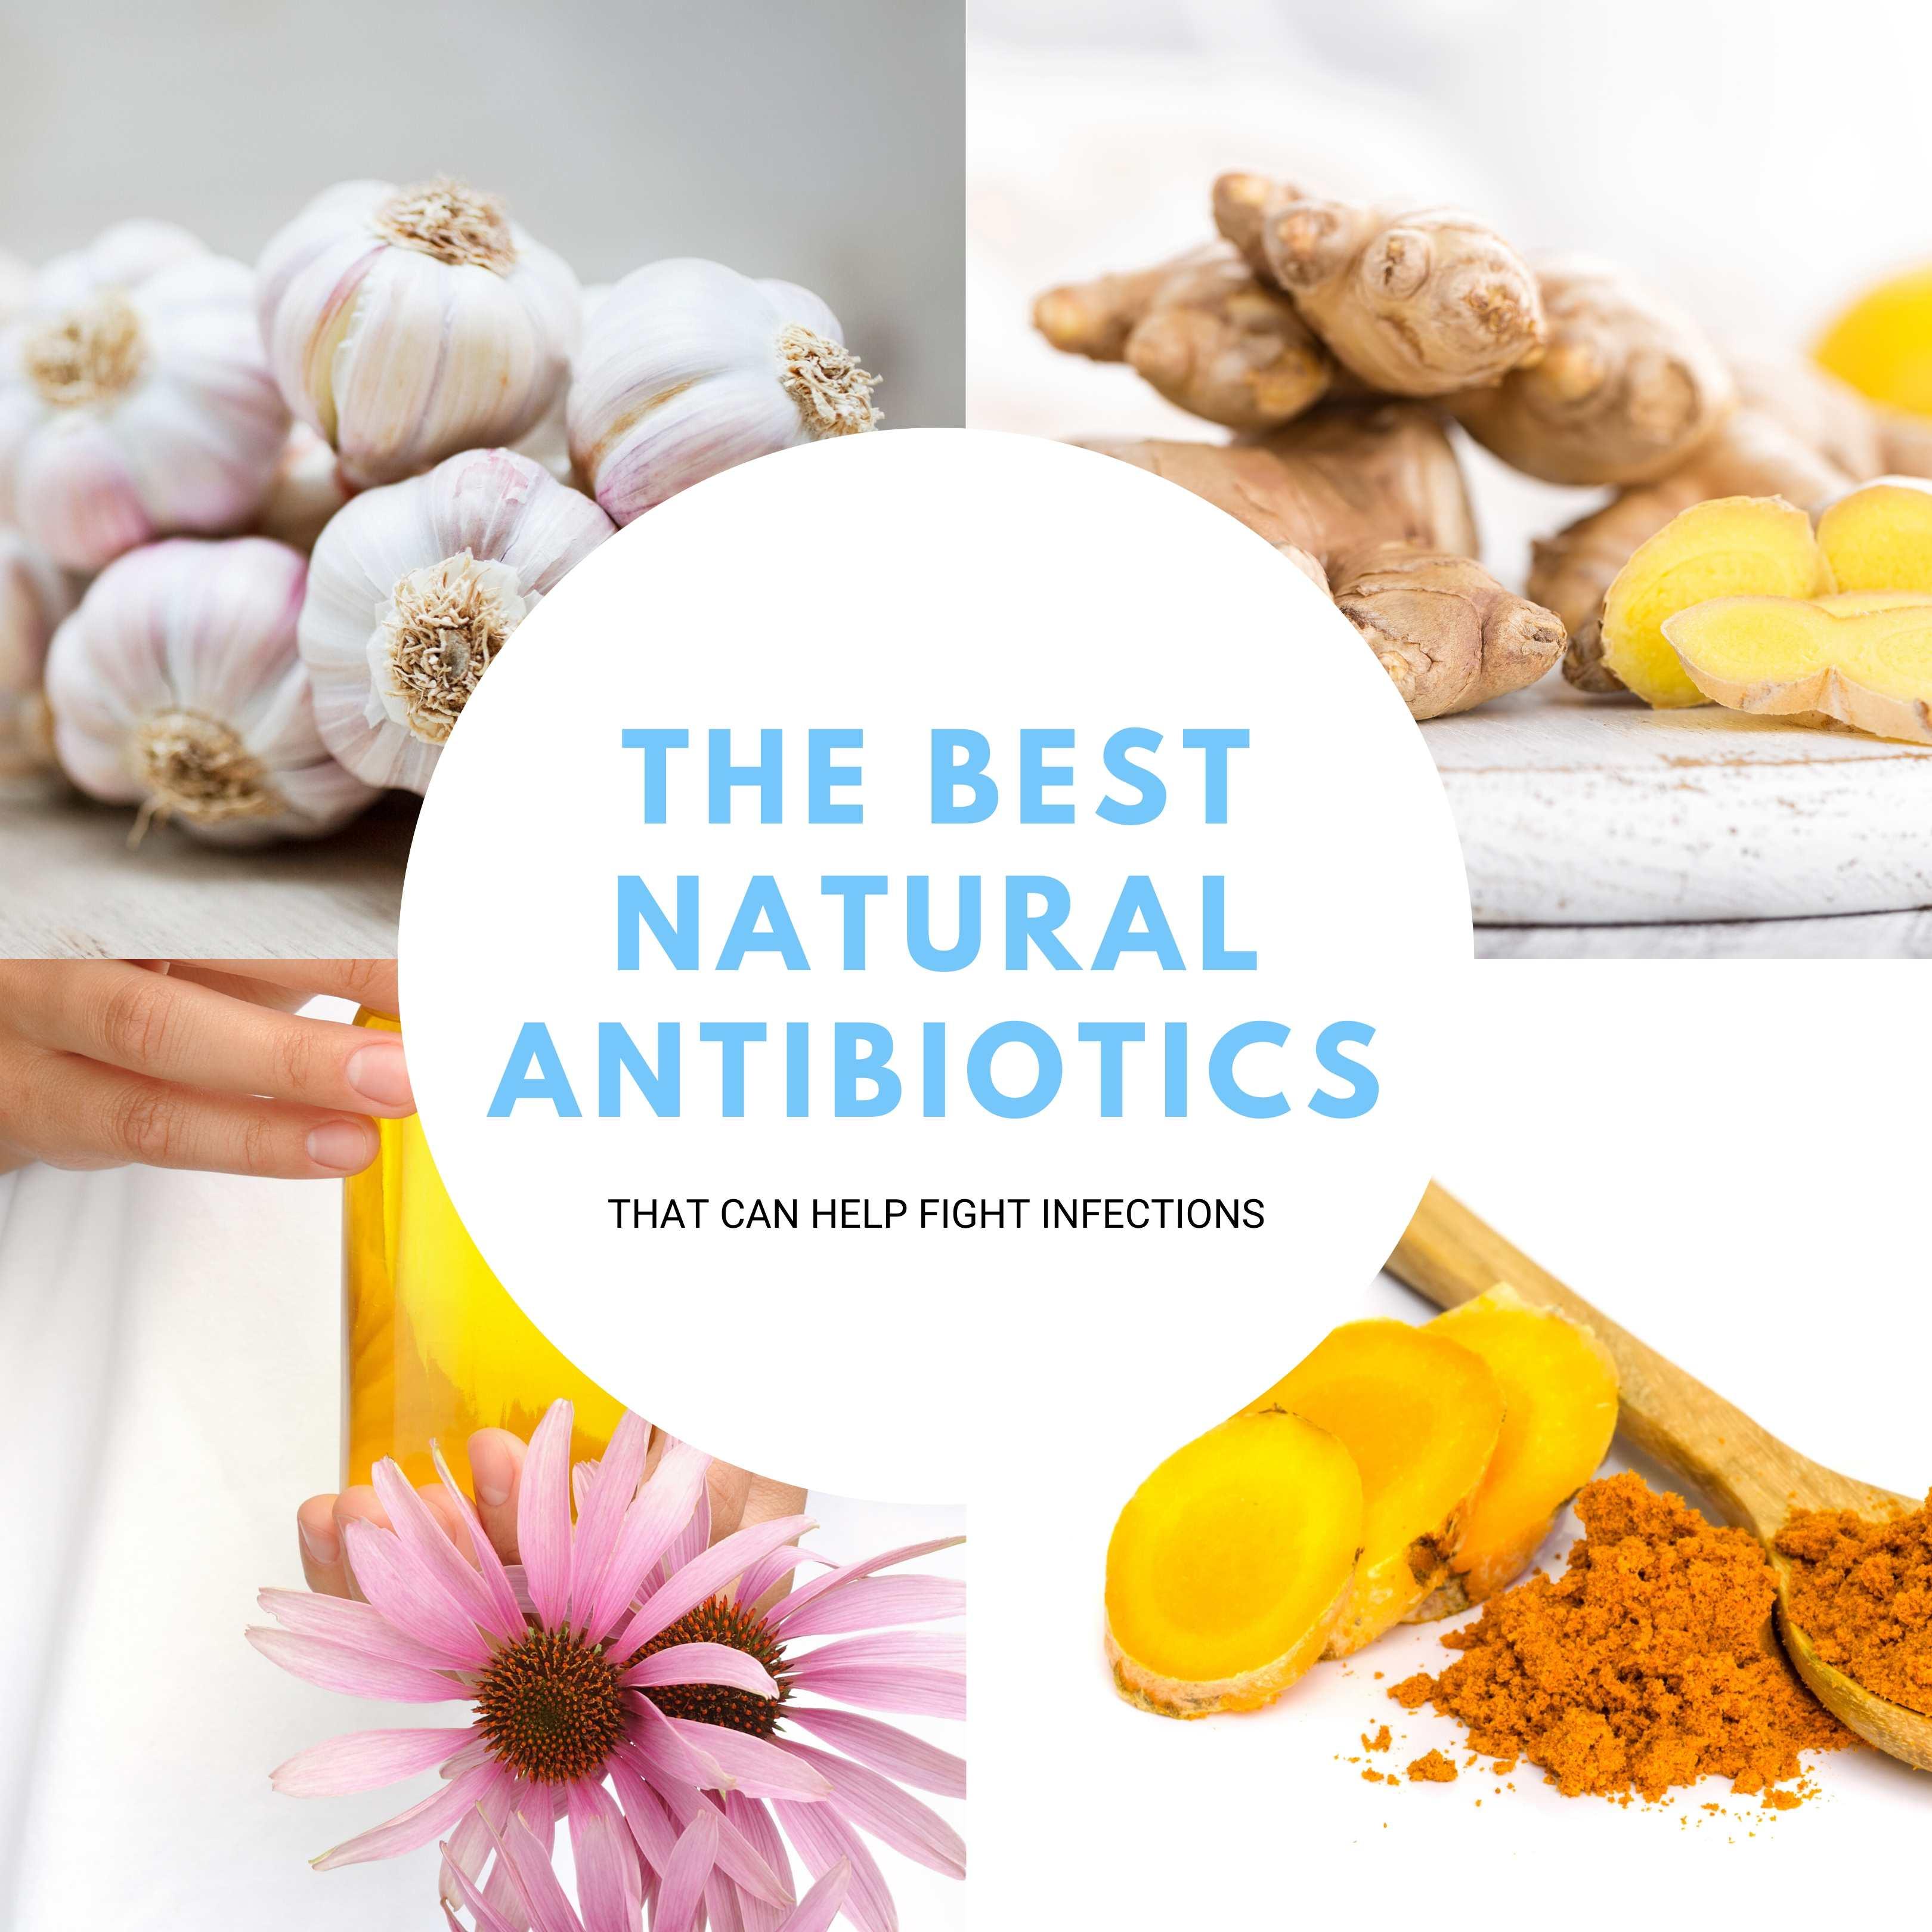 The Best Natural Antibiotics